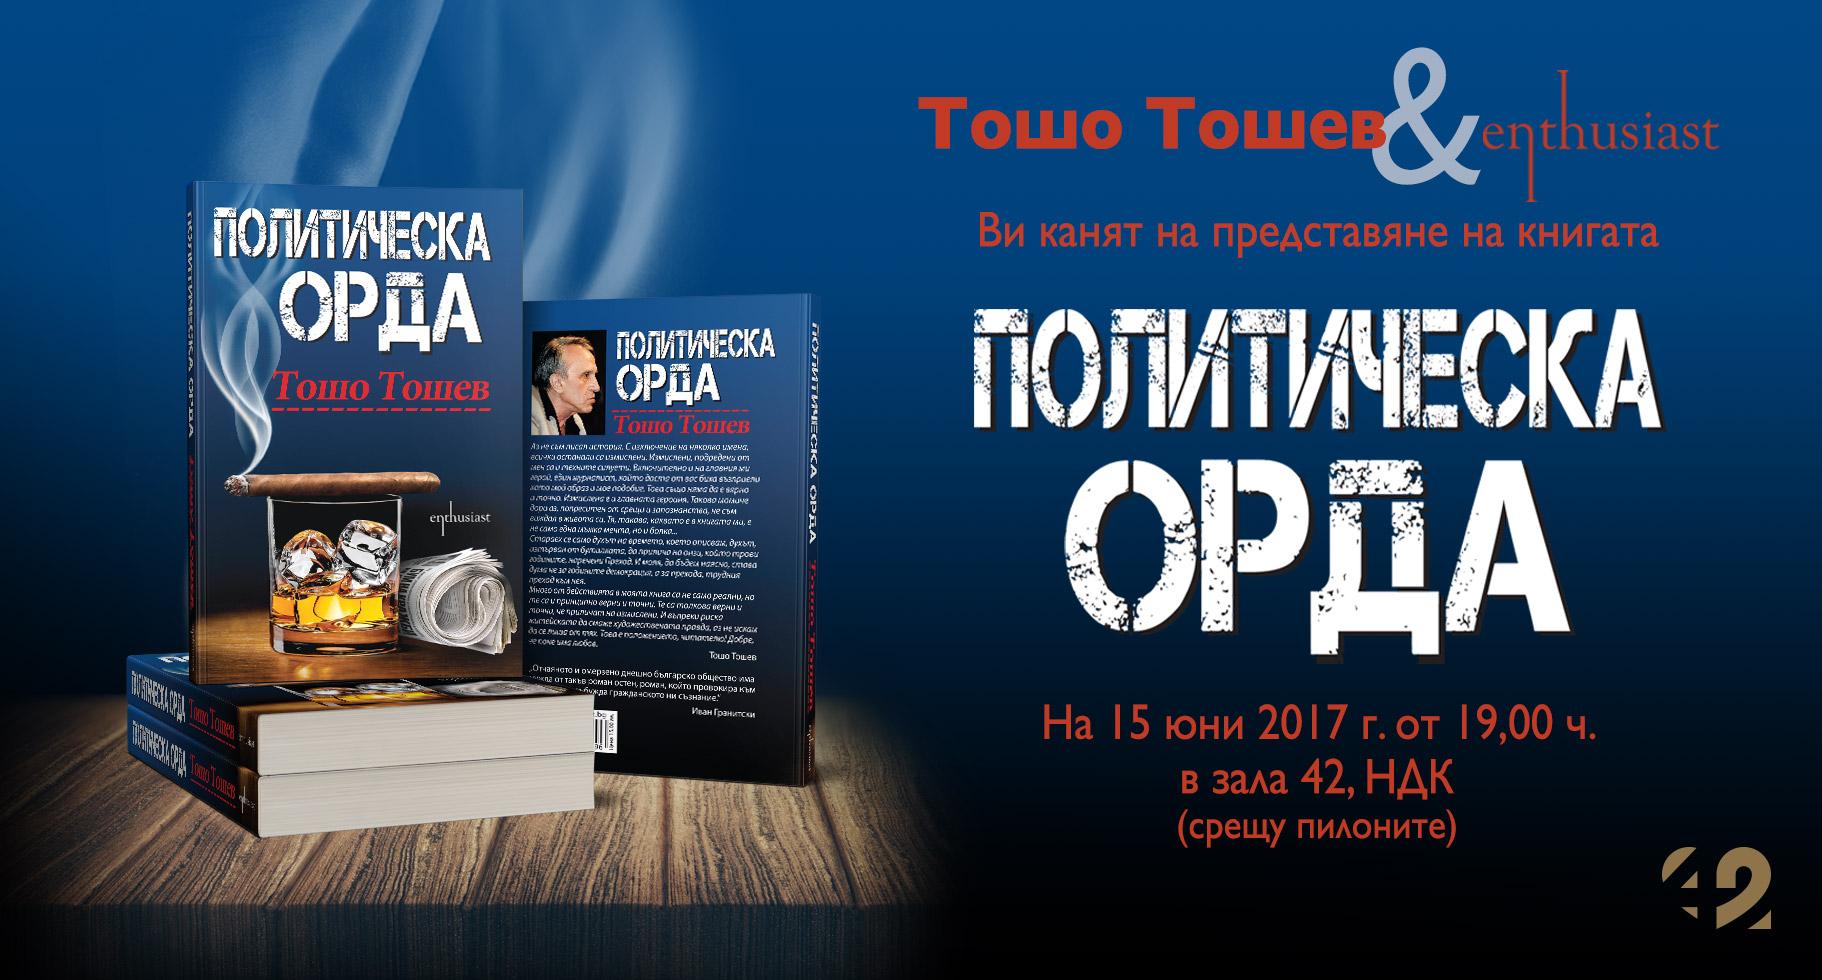 """Представяне на книгата """"Политическа орда"""" от Тошо Тошев"""